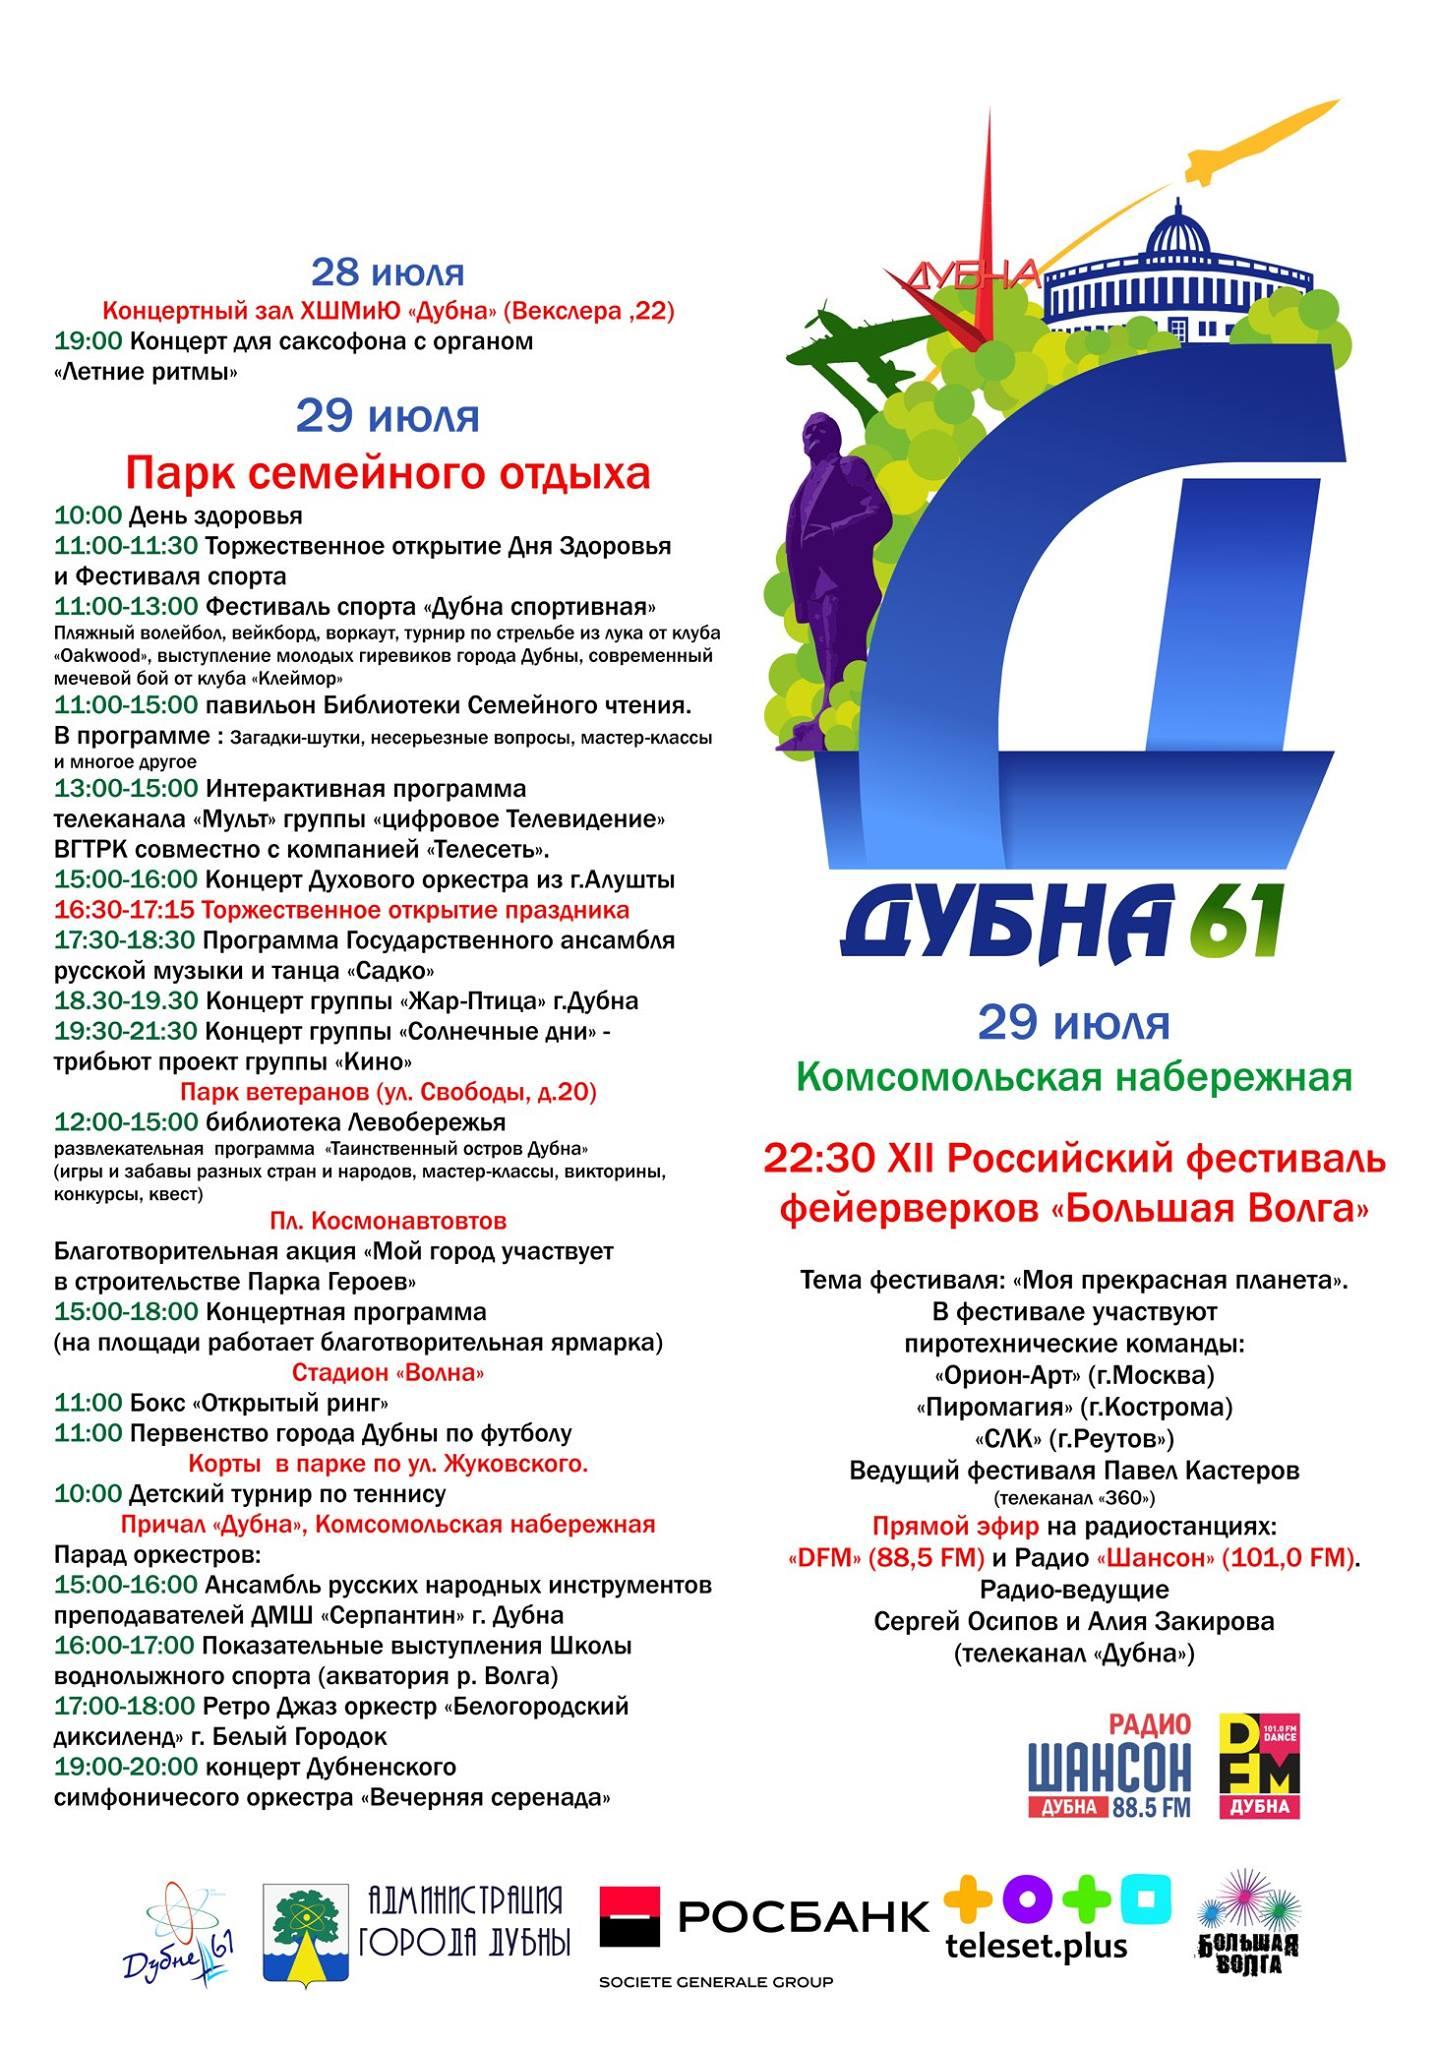 Программа празднования Дня города в Дубне 28 и 29 июля